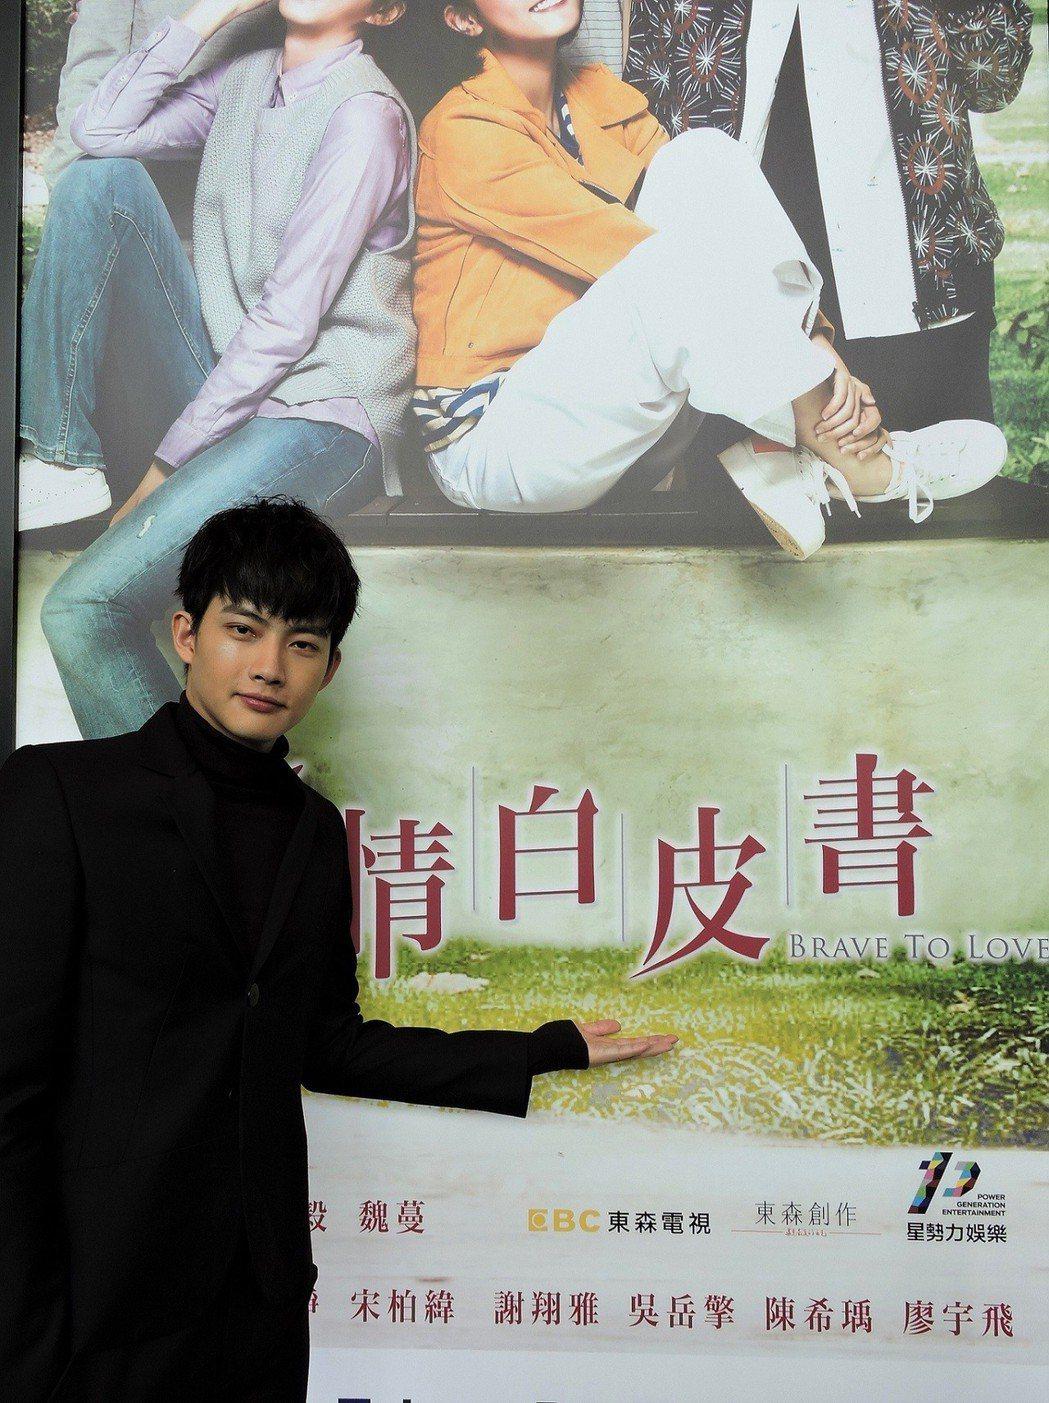 張庭瑚出席香港影視節宣傳新戲「愛情白皮書」。圖/東森提供